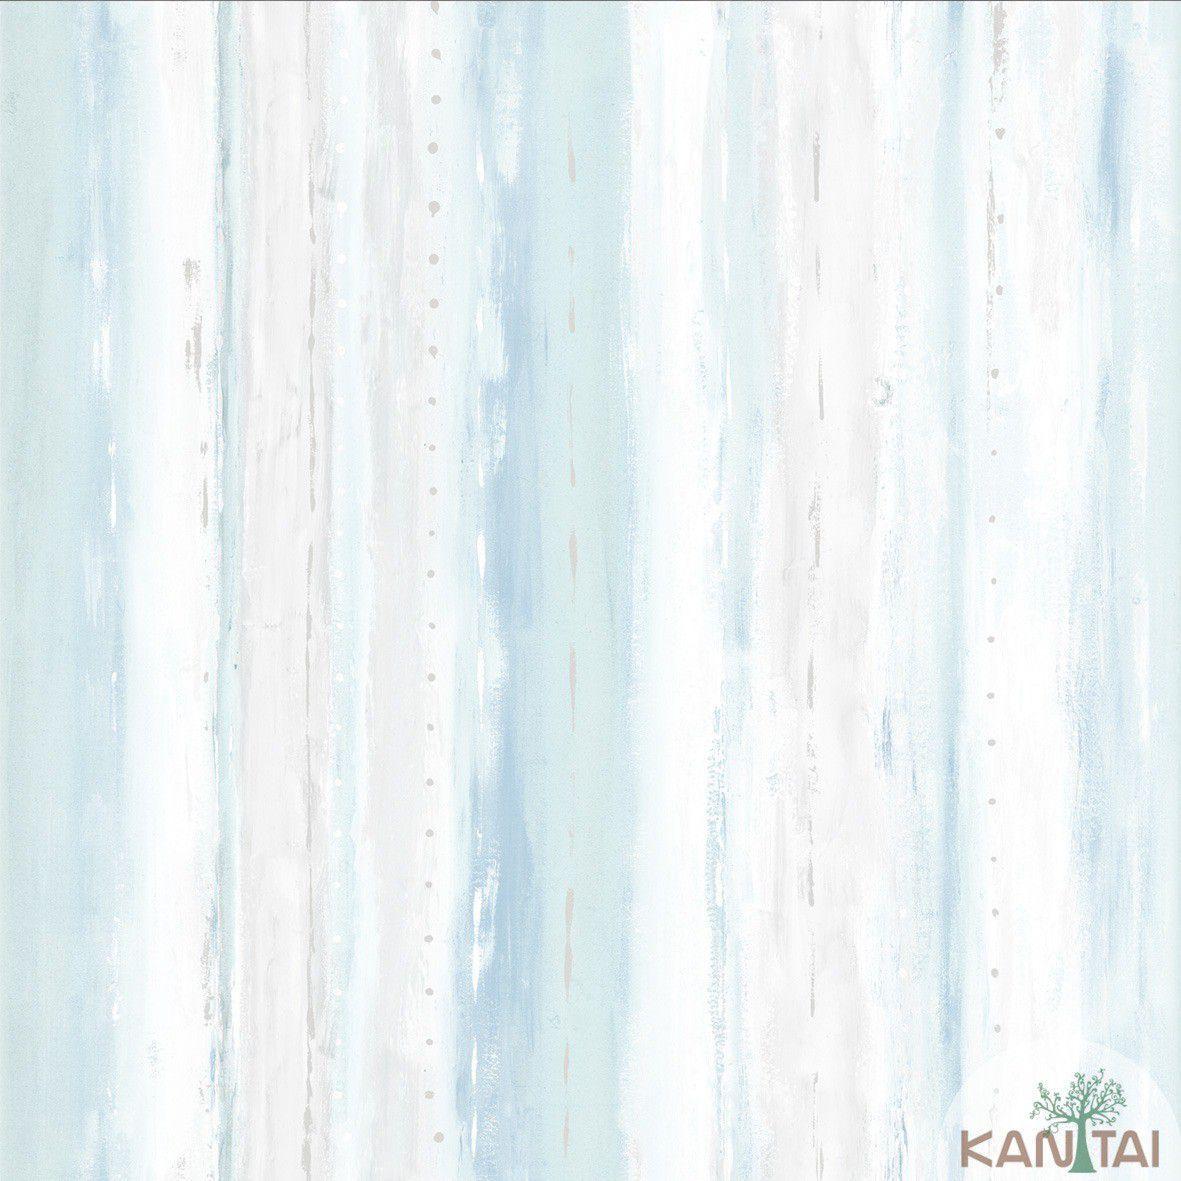 Papel de Parede Kan Tai Vinilico Coleção Style Textura Aquarelado Bege, Cinza, Azul, Verde